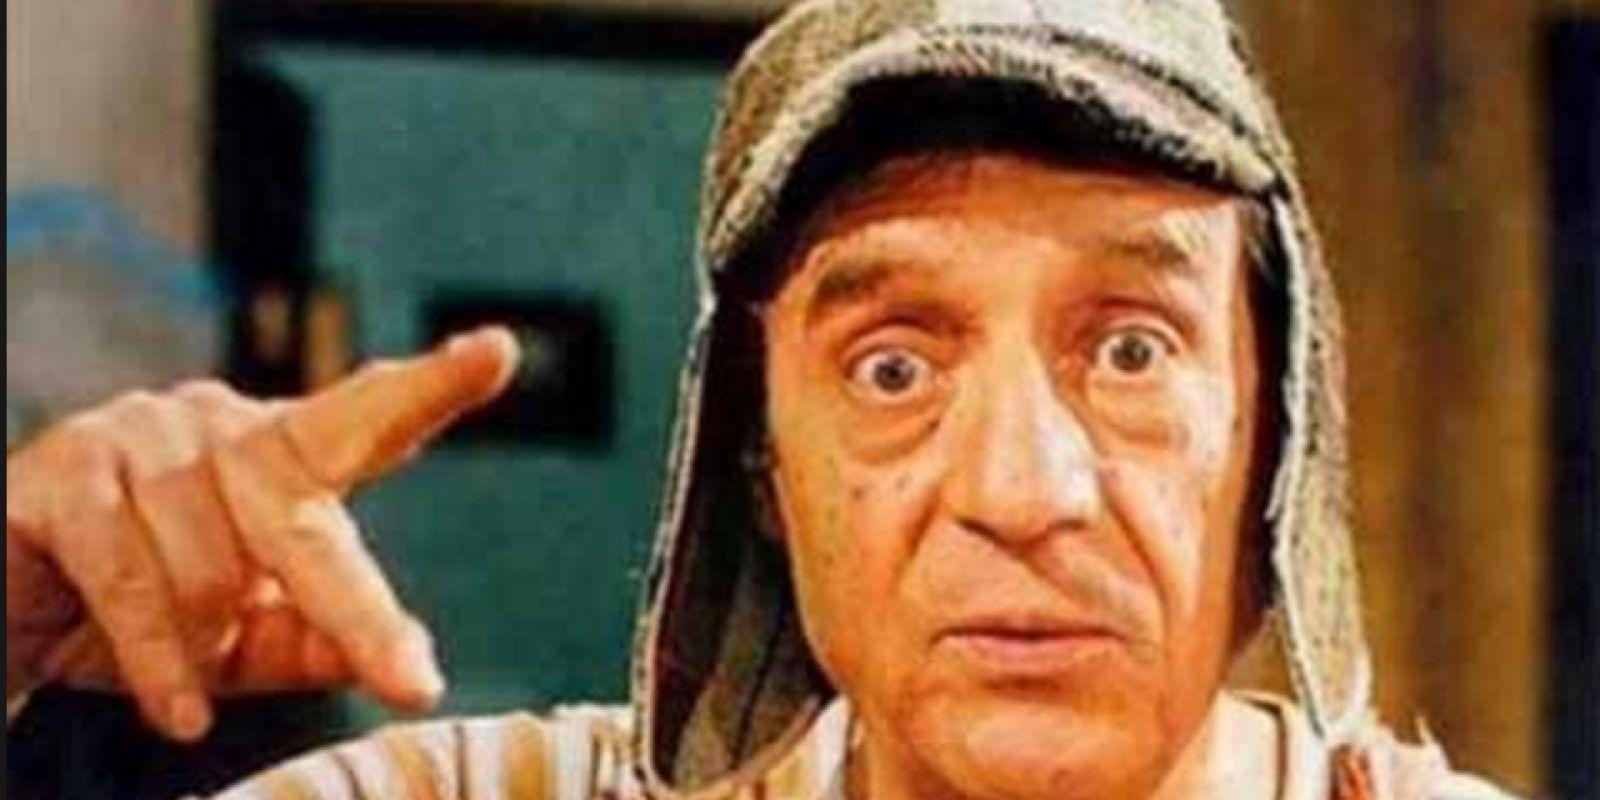 Aseguran que Chespirito tenía un pacto con el diablo. Imagen Por: Televisa